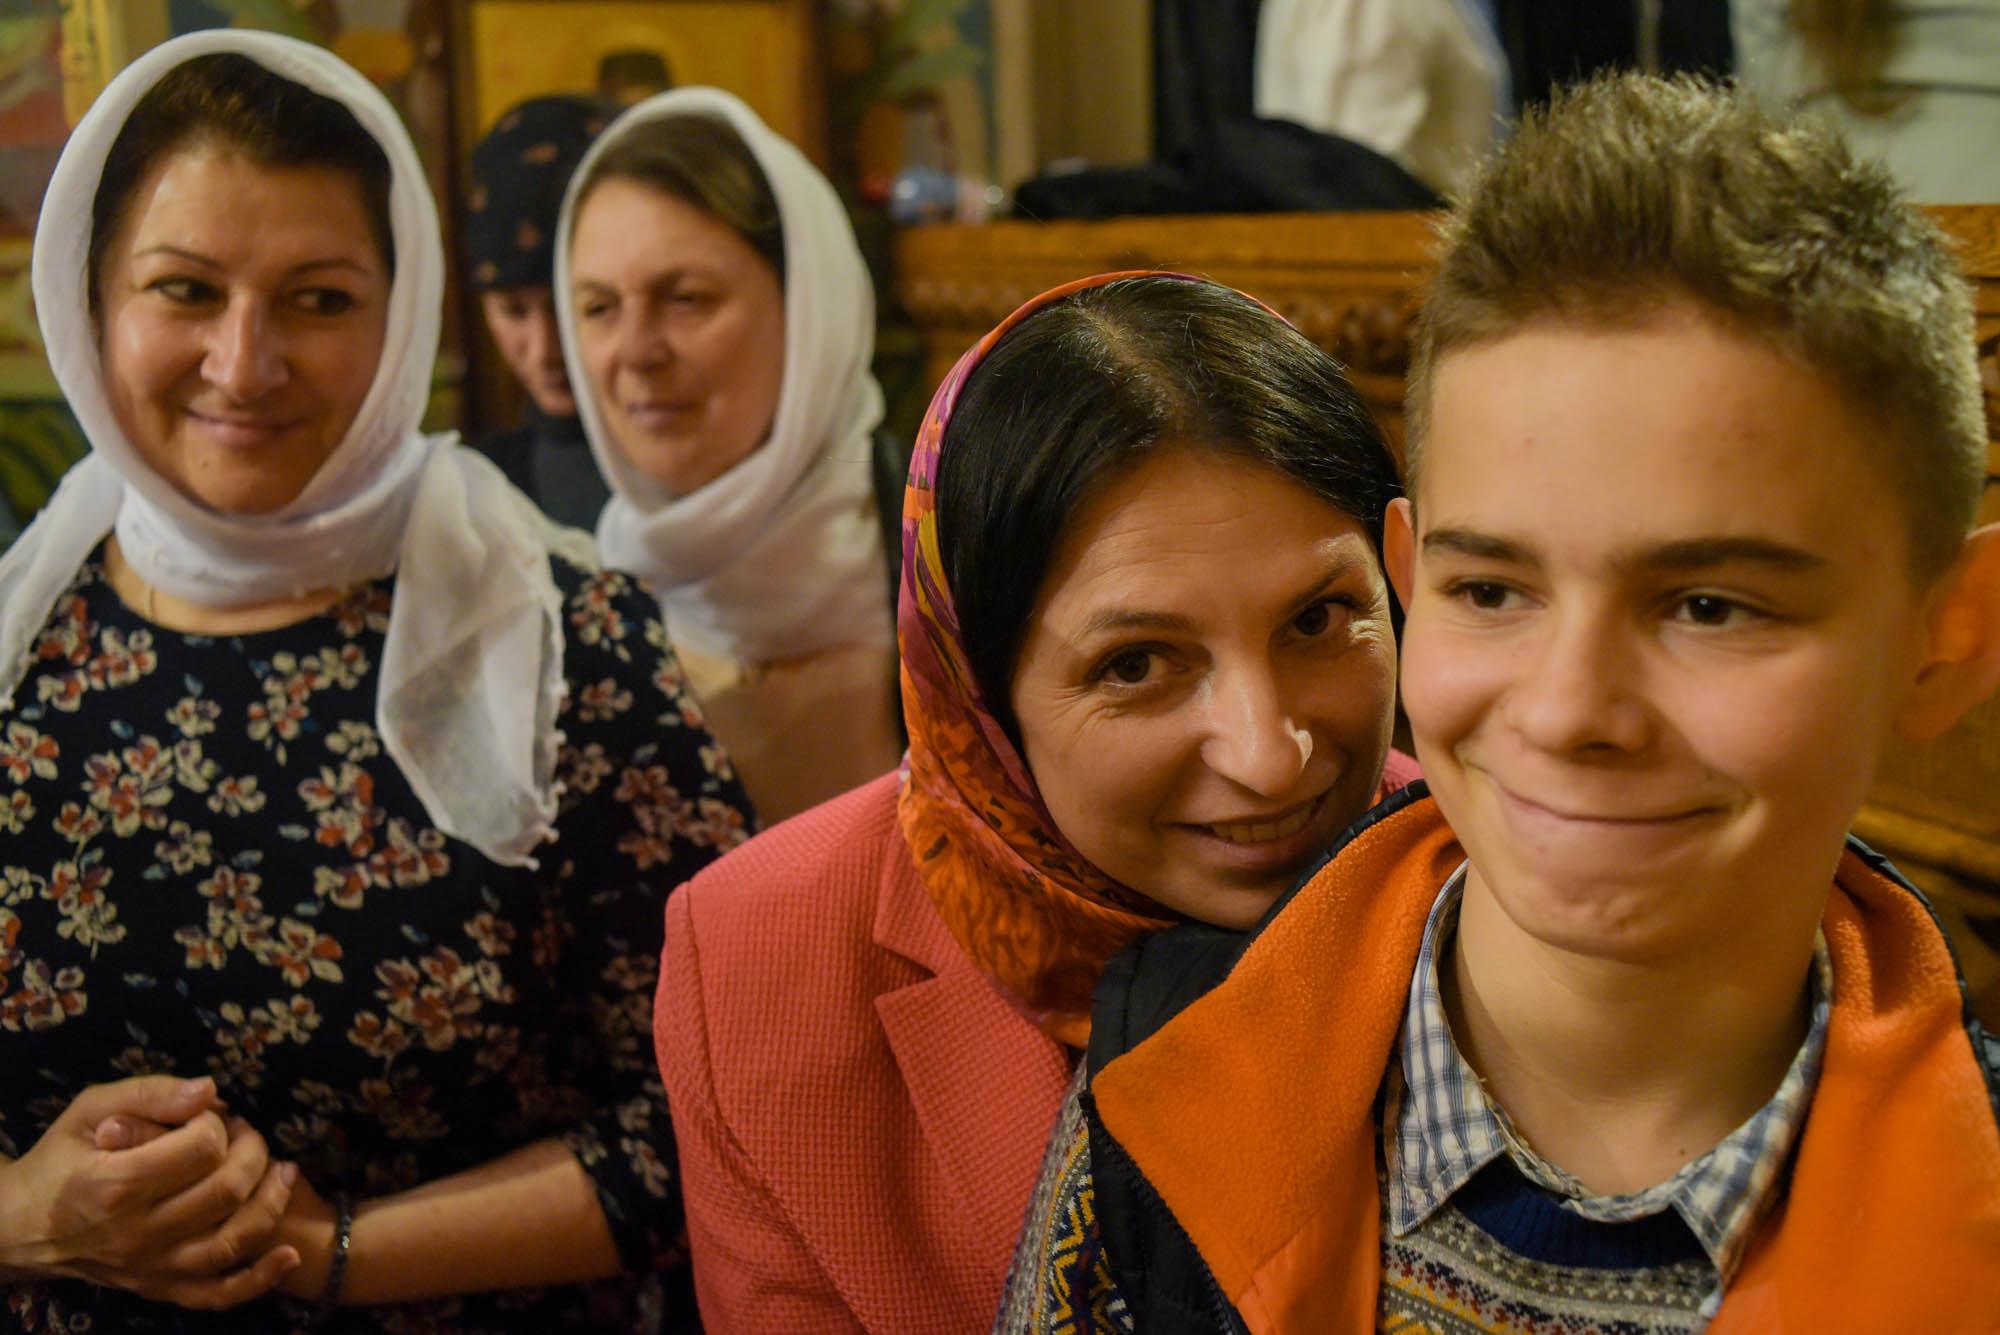 Orthodox photography Sergey Ryzhkov 9096